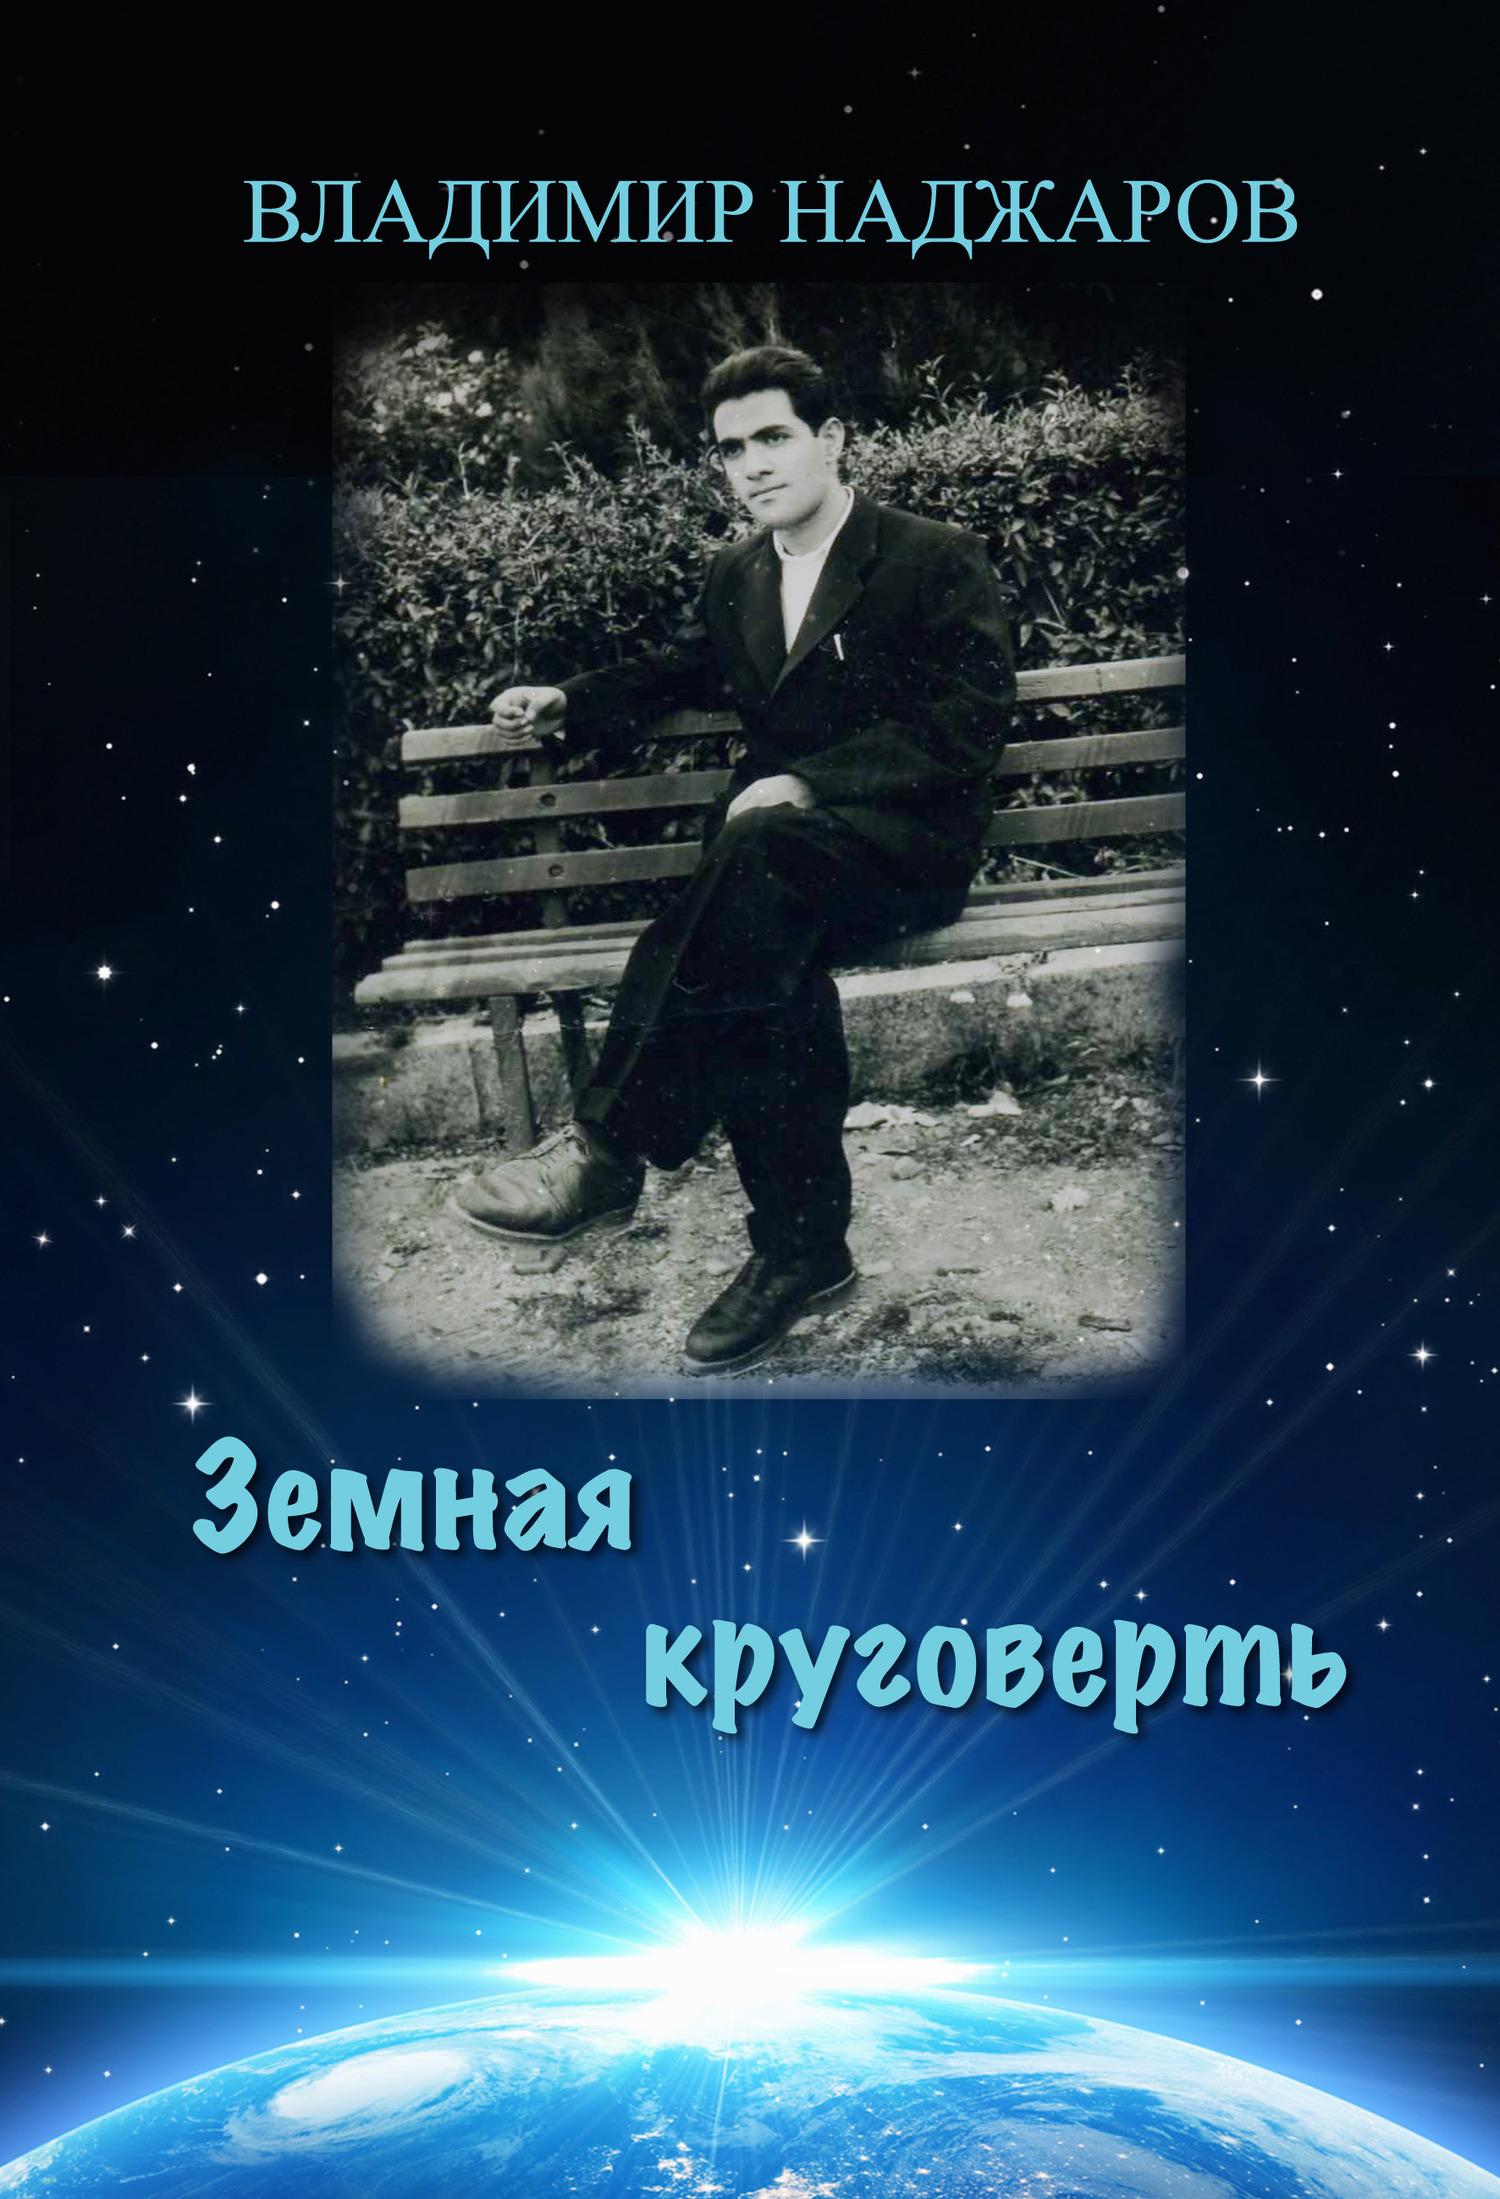 Владимир Наджаров Земная круговерть